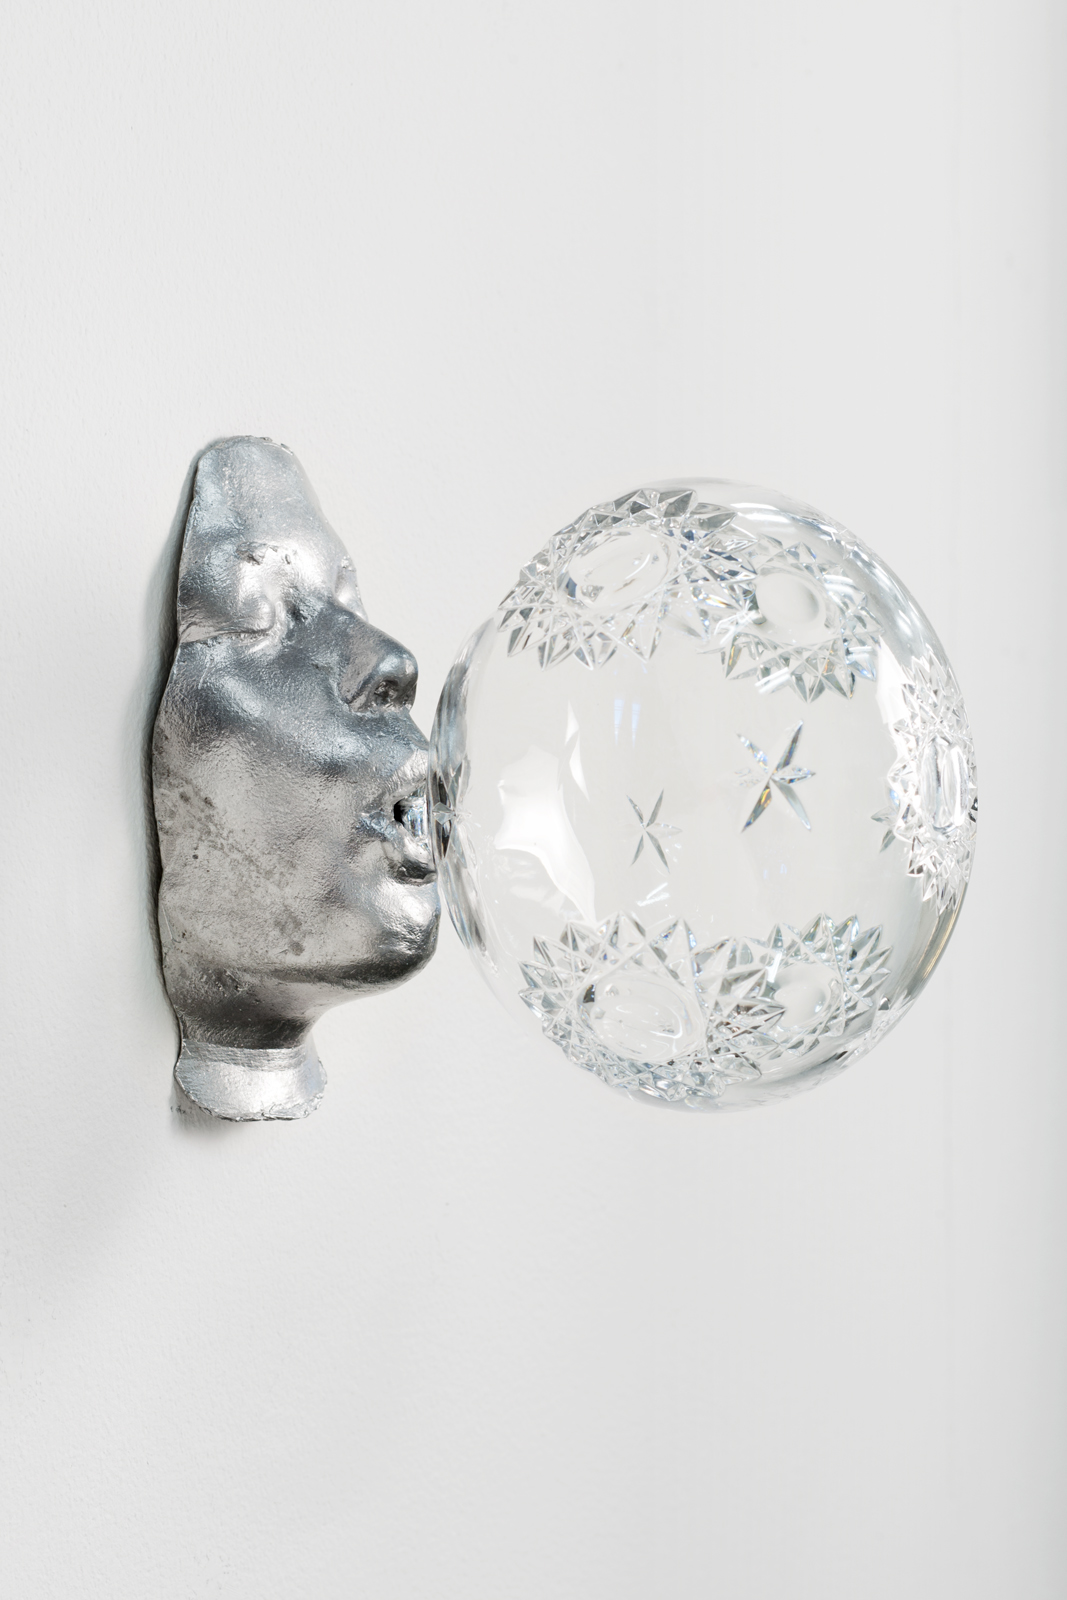 Latvasomppi_Riikka_Bubblegum_boy_crystal_flavor_Museokuva.jpg